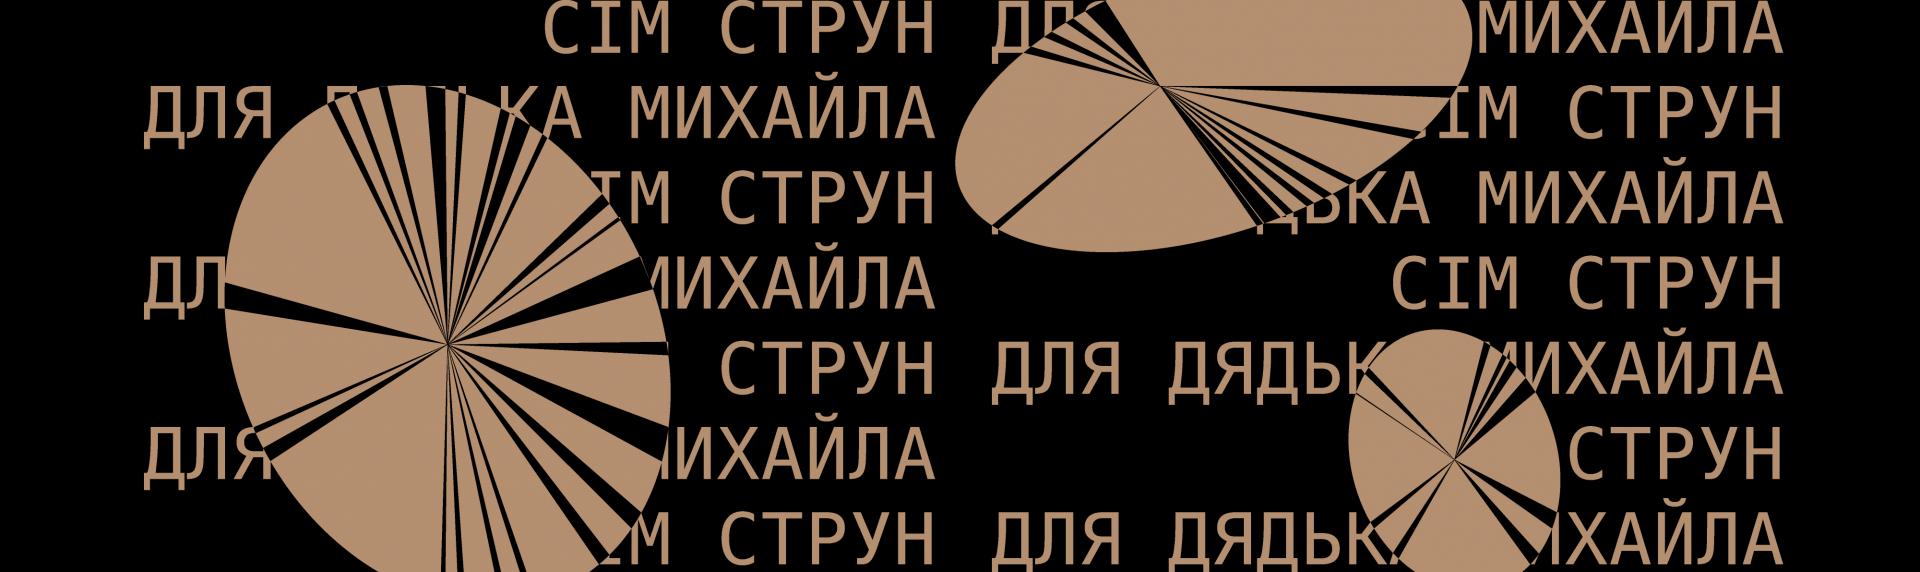 Музична програма «Сім струн для дядька Михайла»